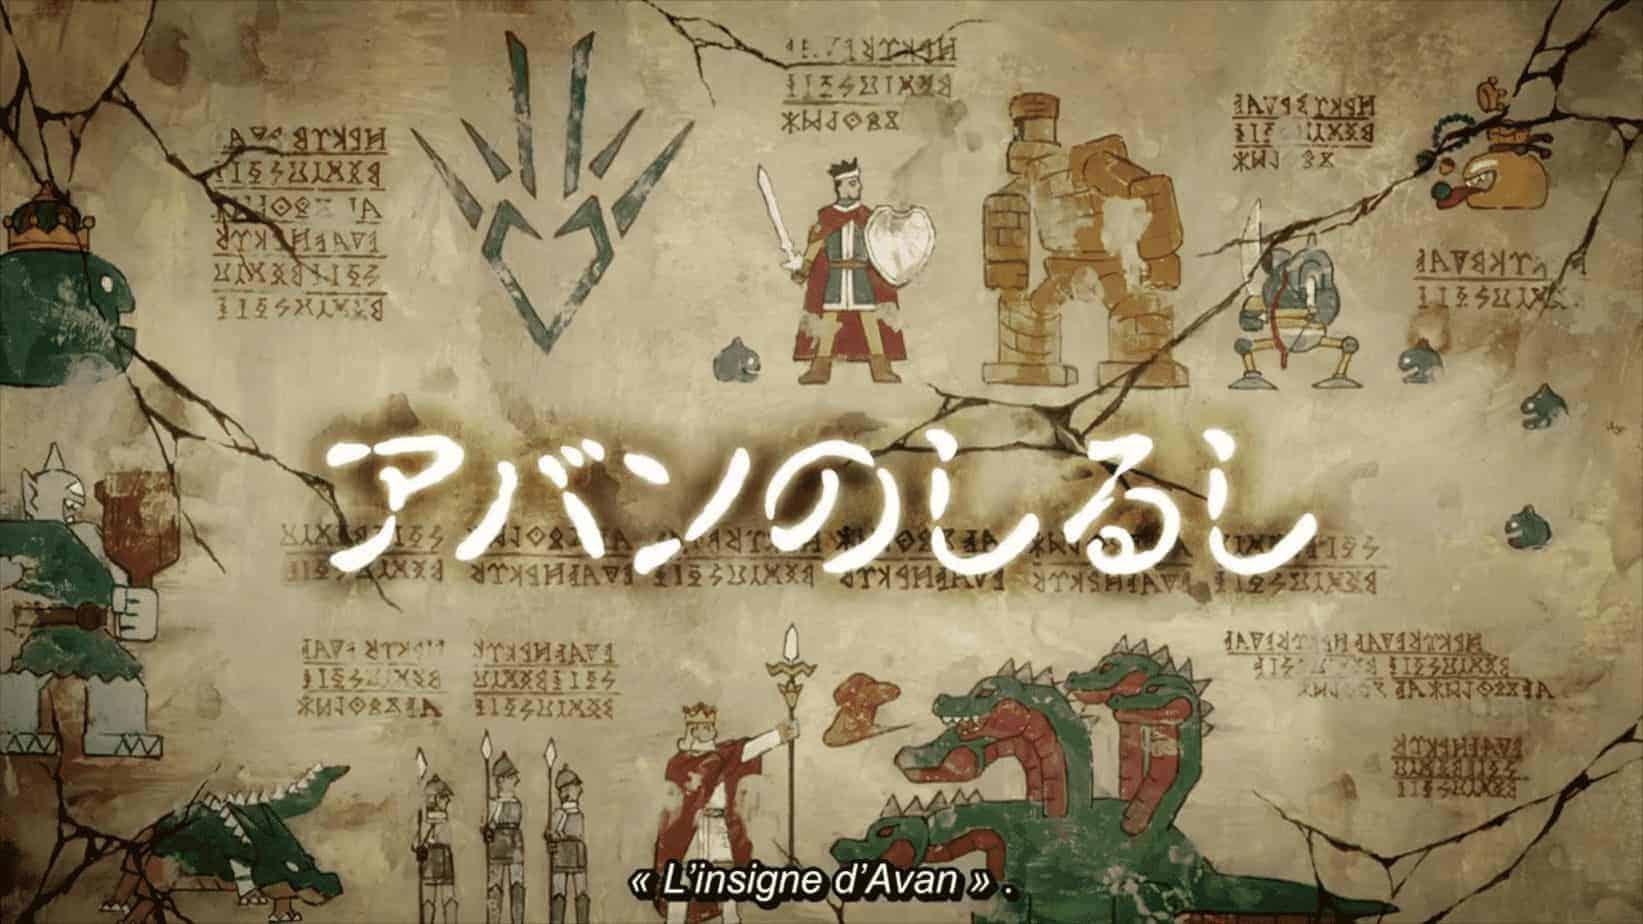 DRAGON QUEST: The Adventure of Daï épisode 5 vostfr - L'insigne d'Avan 15